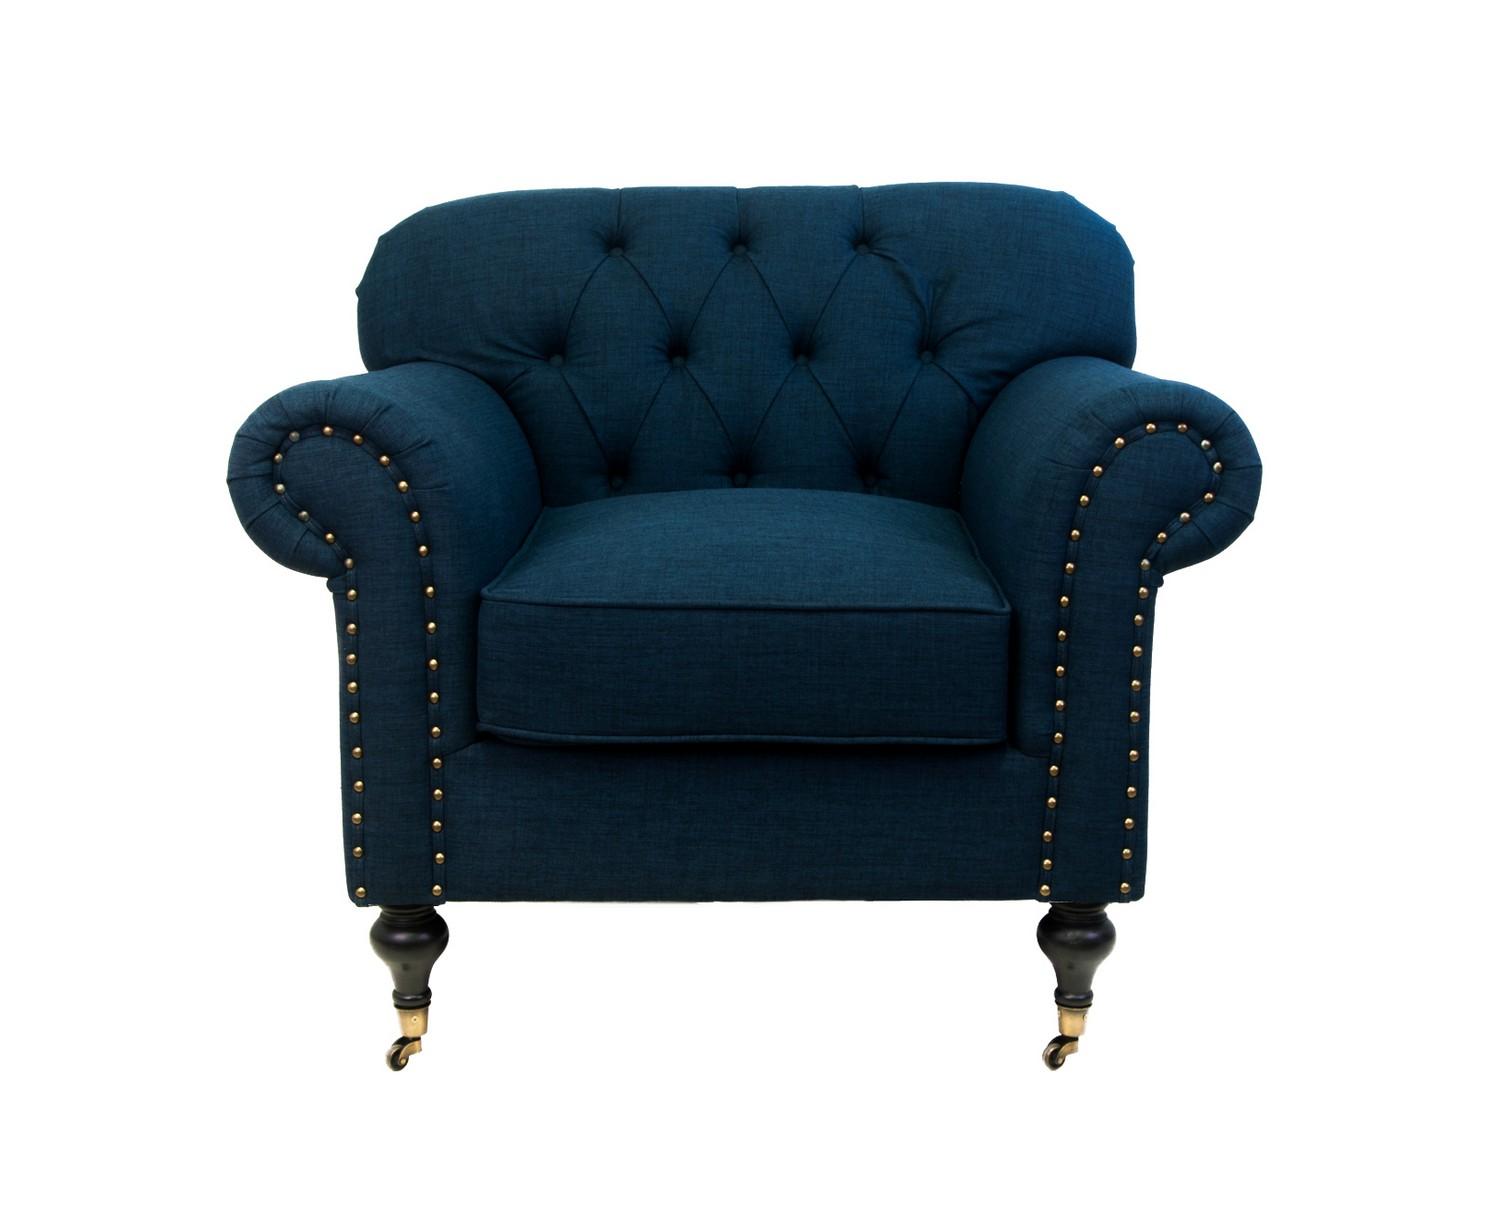 Кресло Kavita dark blueИнтерьерные кресла<br>Мягкие, плавные формы - это кресло не оставит равнодушным никого! Кресло Kavita - вполне самодостаточная модель, не требующая дополнений. Оно достойно украсит гостиную,отлично приживется в спальне. Облегчить передвижение этого очаровательного кресла помогут маленькие колесики, придающие особый шарм.<br><br>Material: Лен<br>Width см: 96<br>Depth см: 90<br>Height см: 88